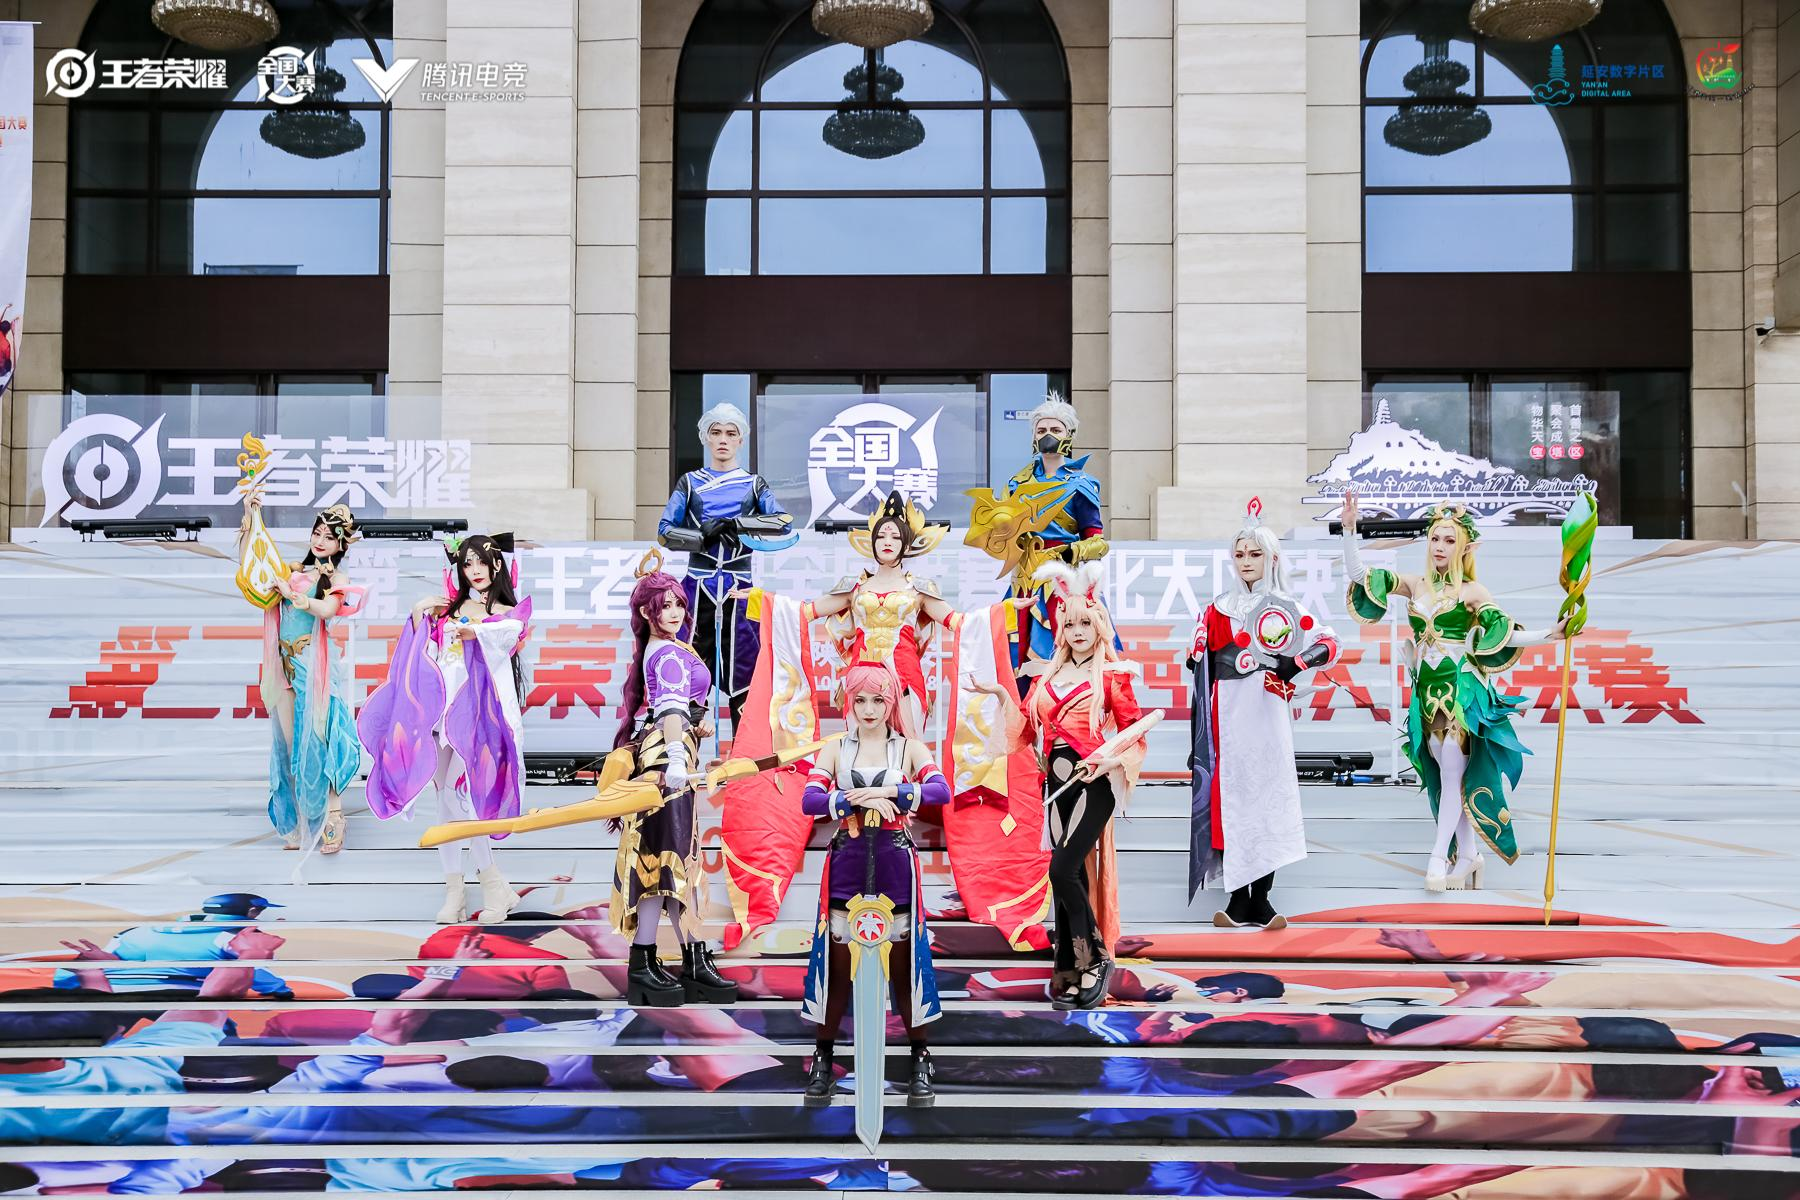 王者荣耀全国大赛西北大区决赛于圣地延安顺利举办